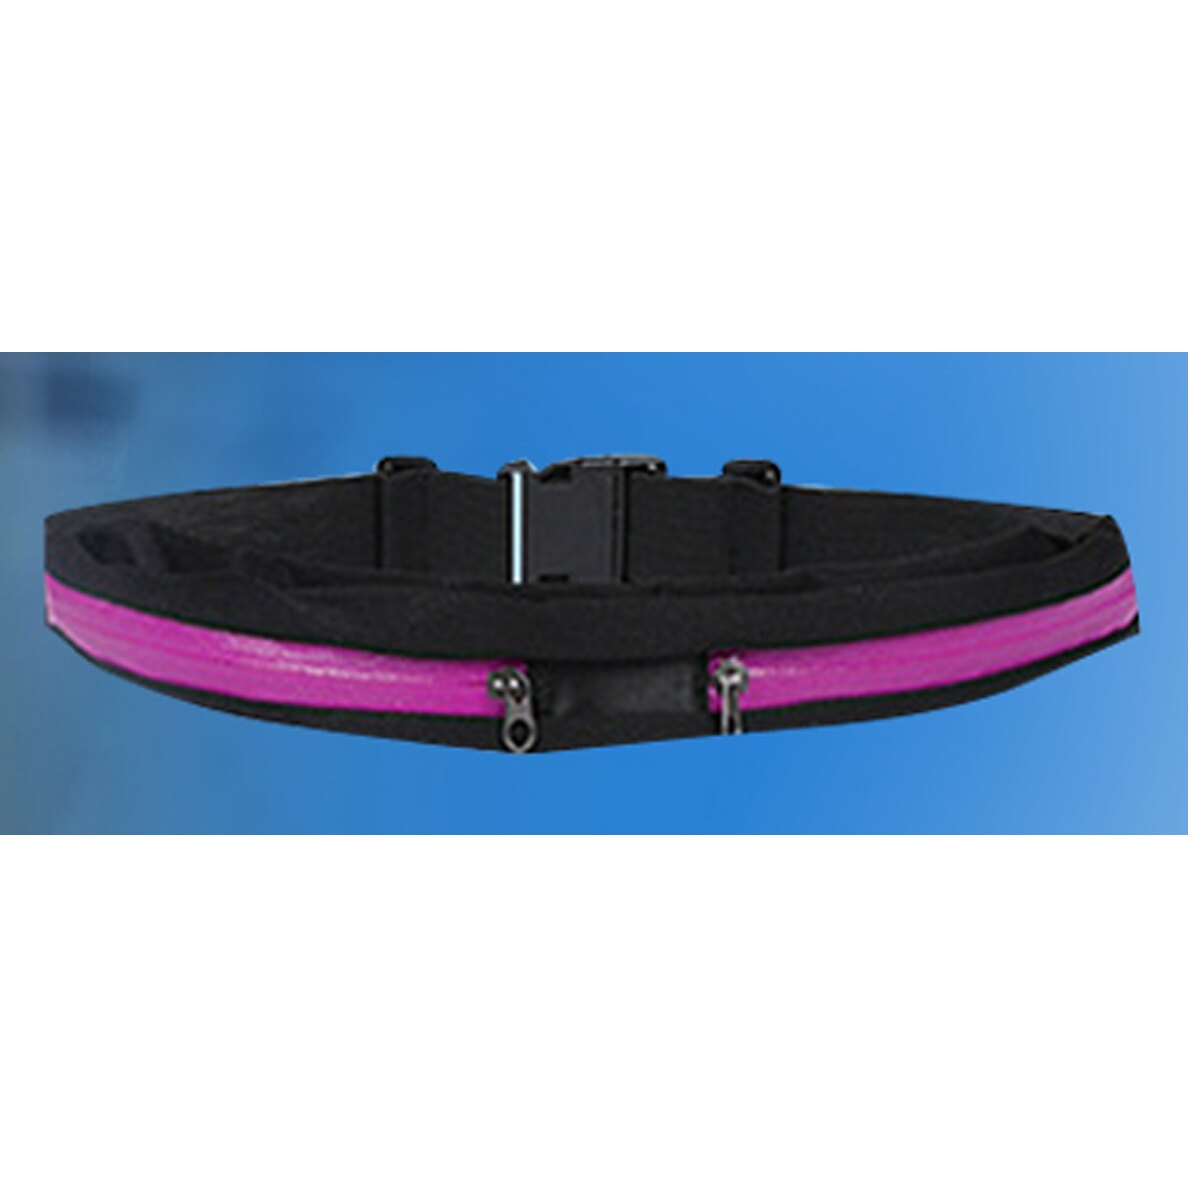 運動隱形腰袋【桃紅色】 輕巧 萊卡 防水潑布 多色【健走、跑步、外出】